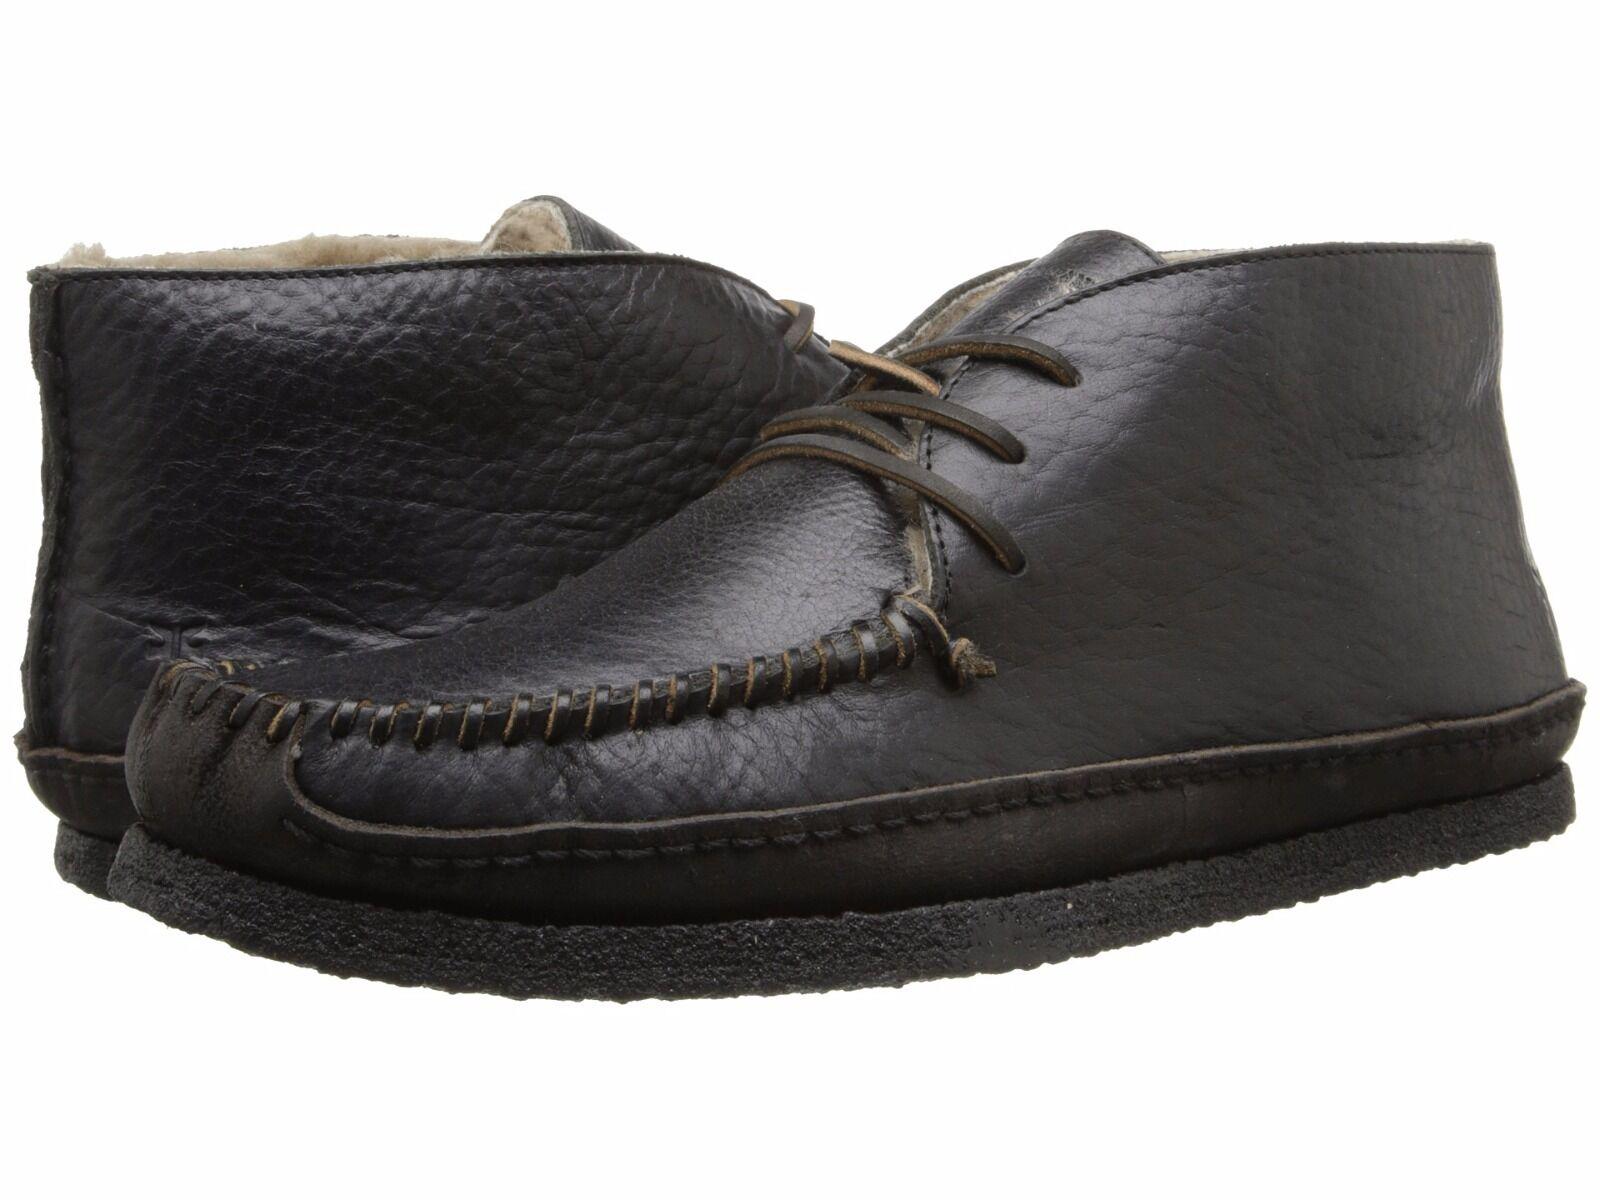 Para hombres cuero búfalo negro Frye Porter Chukka tamaño de piel de oveja 10 precio minorista sugerido por el fabricante